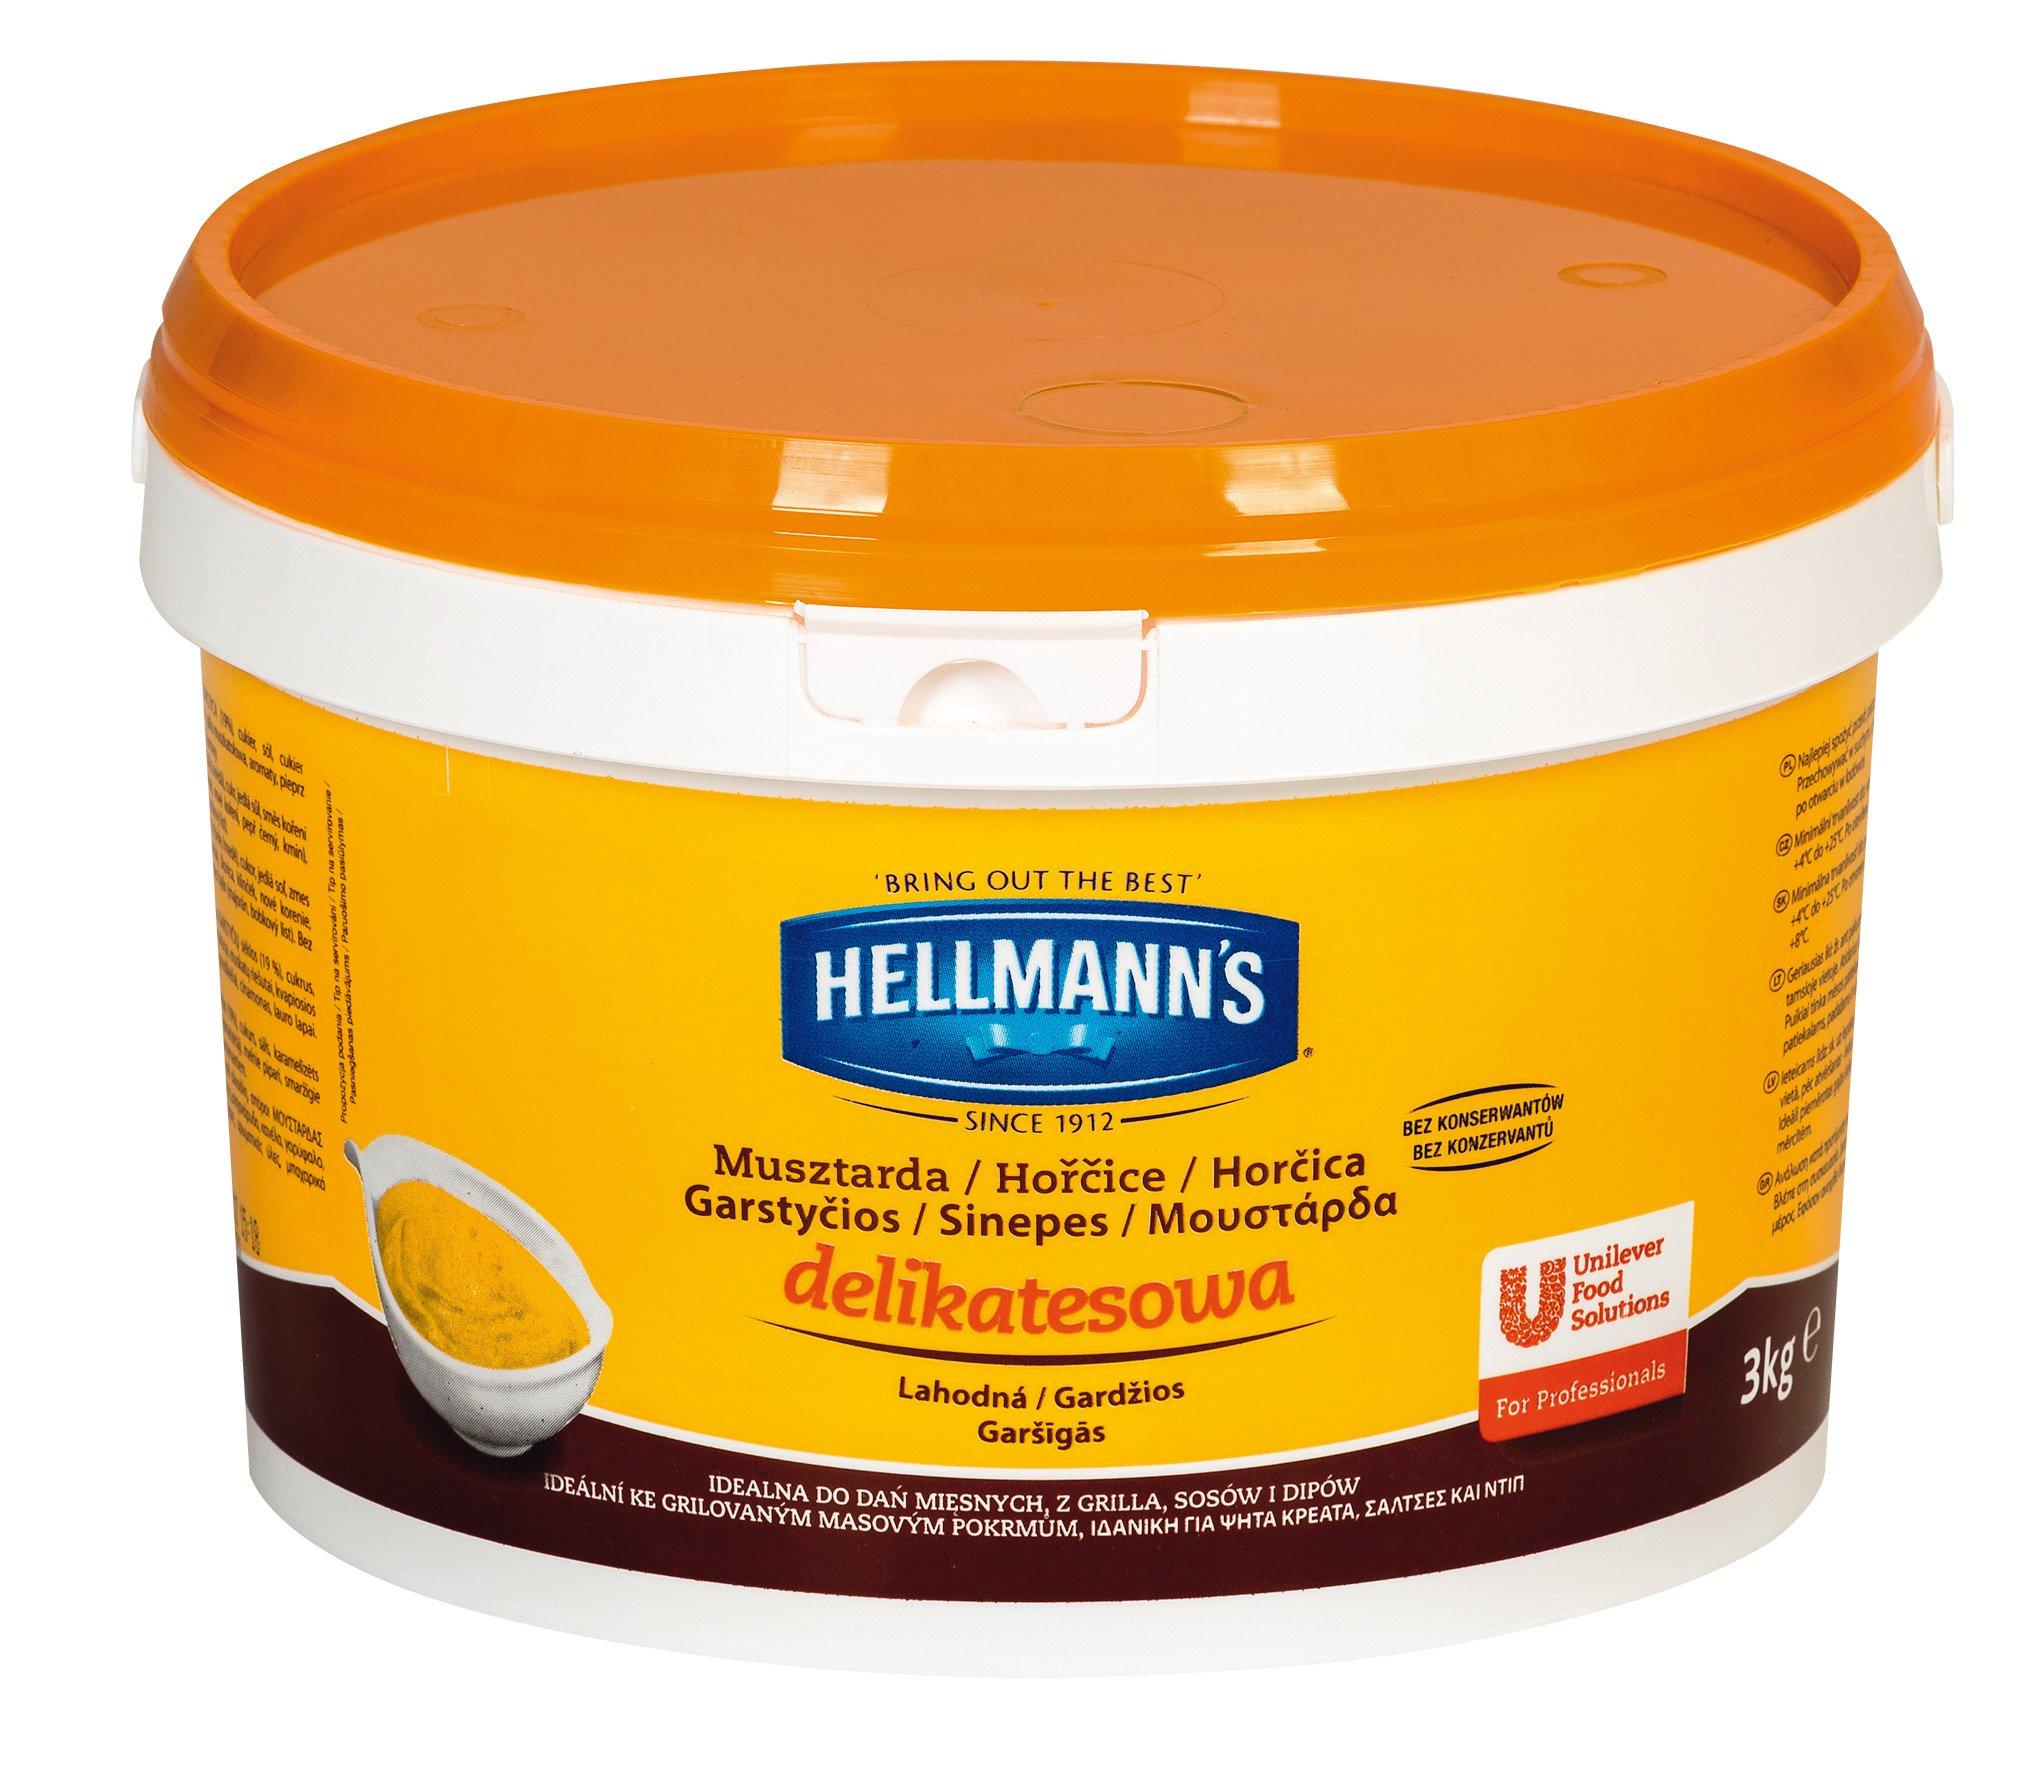 Hellmann's Hořčice 3 kg